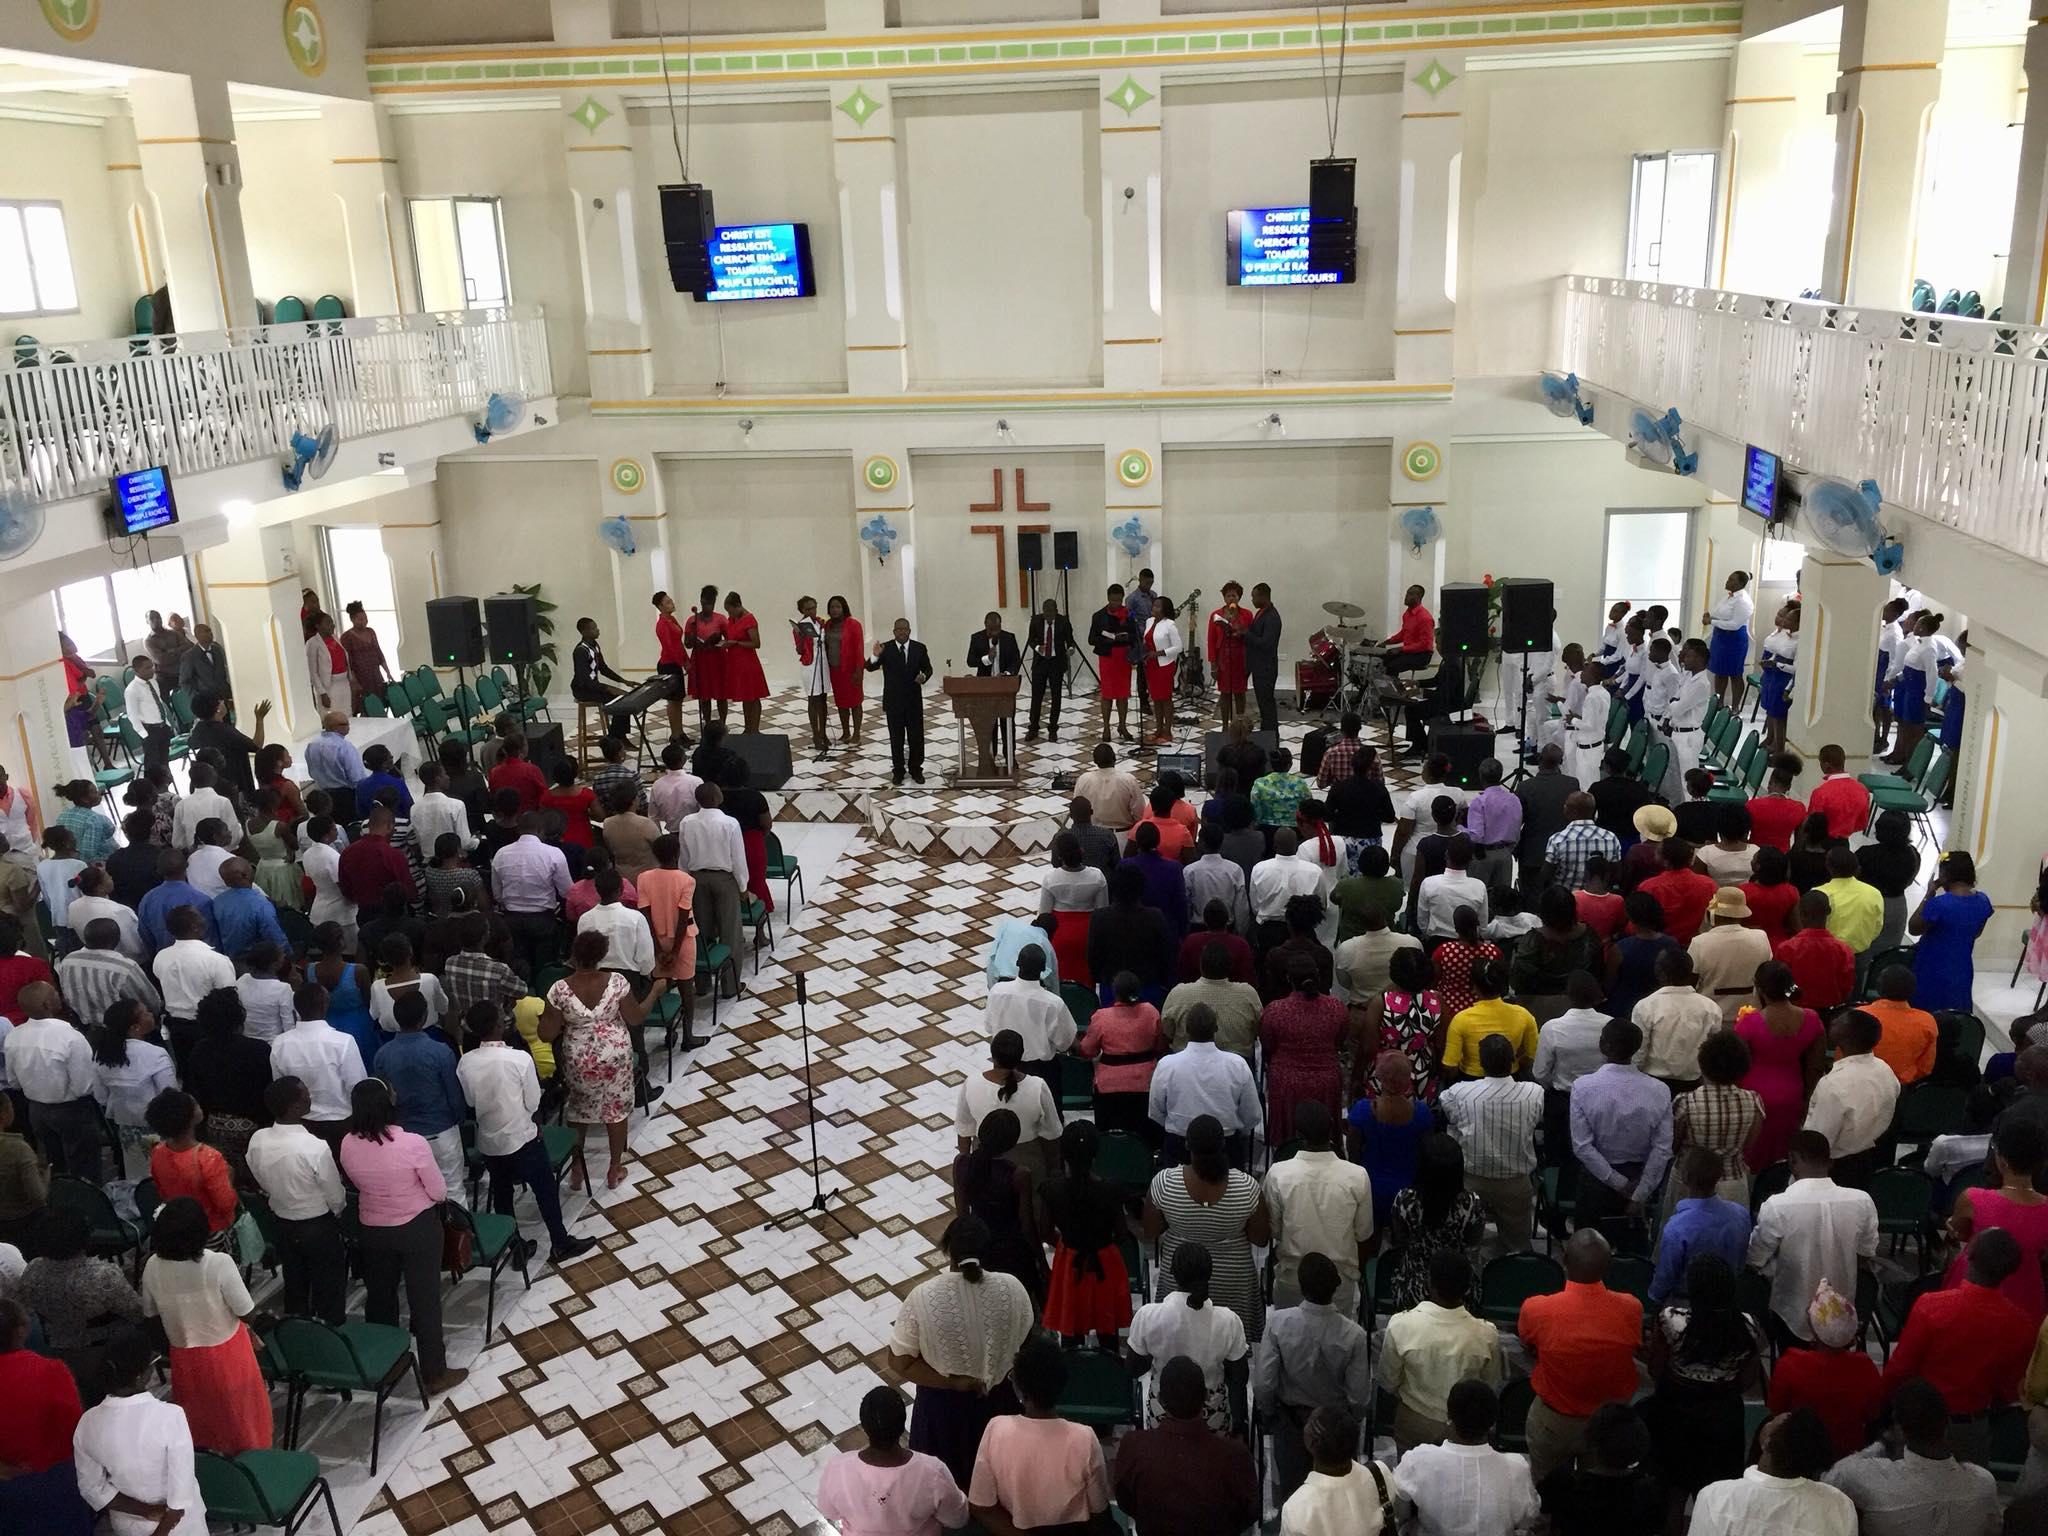 Sunday Service at Harvest Jacmel